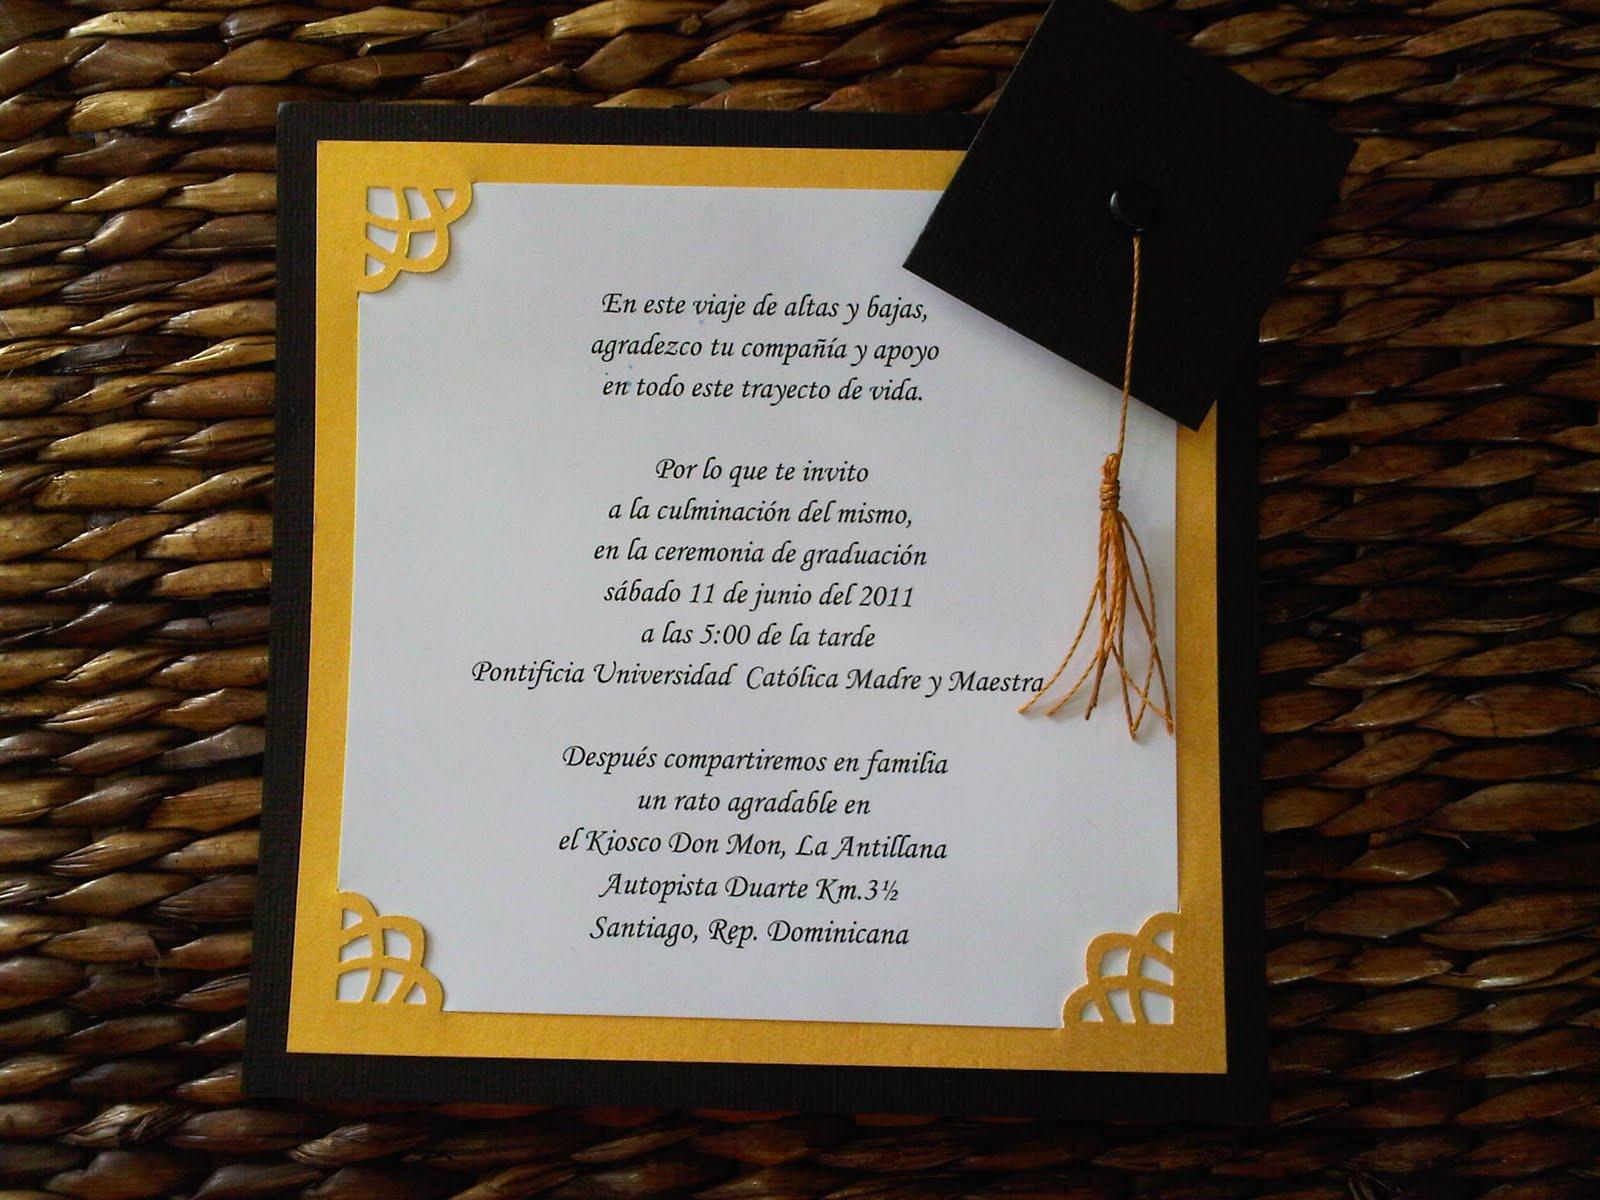 Frases para invitaciónes de graduación de preescolar - Imagui